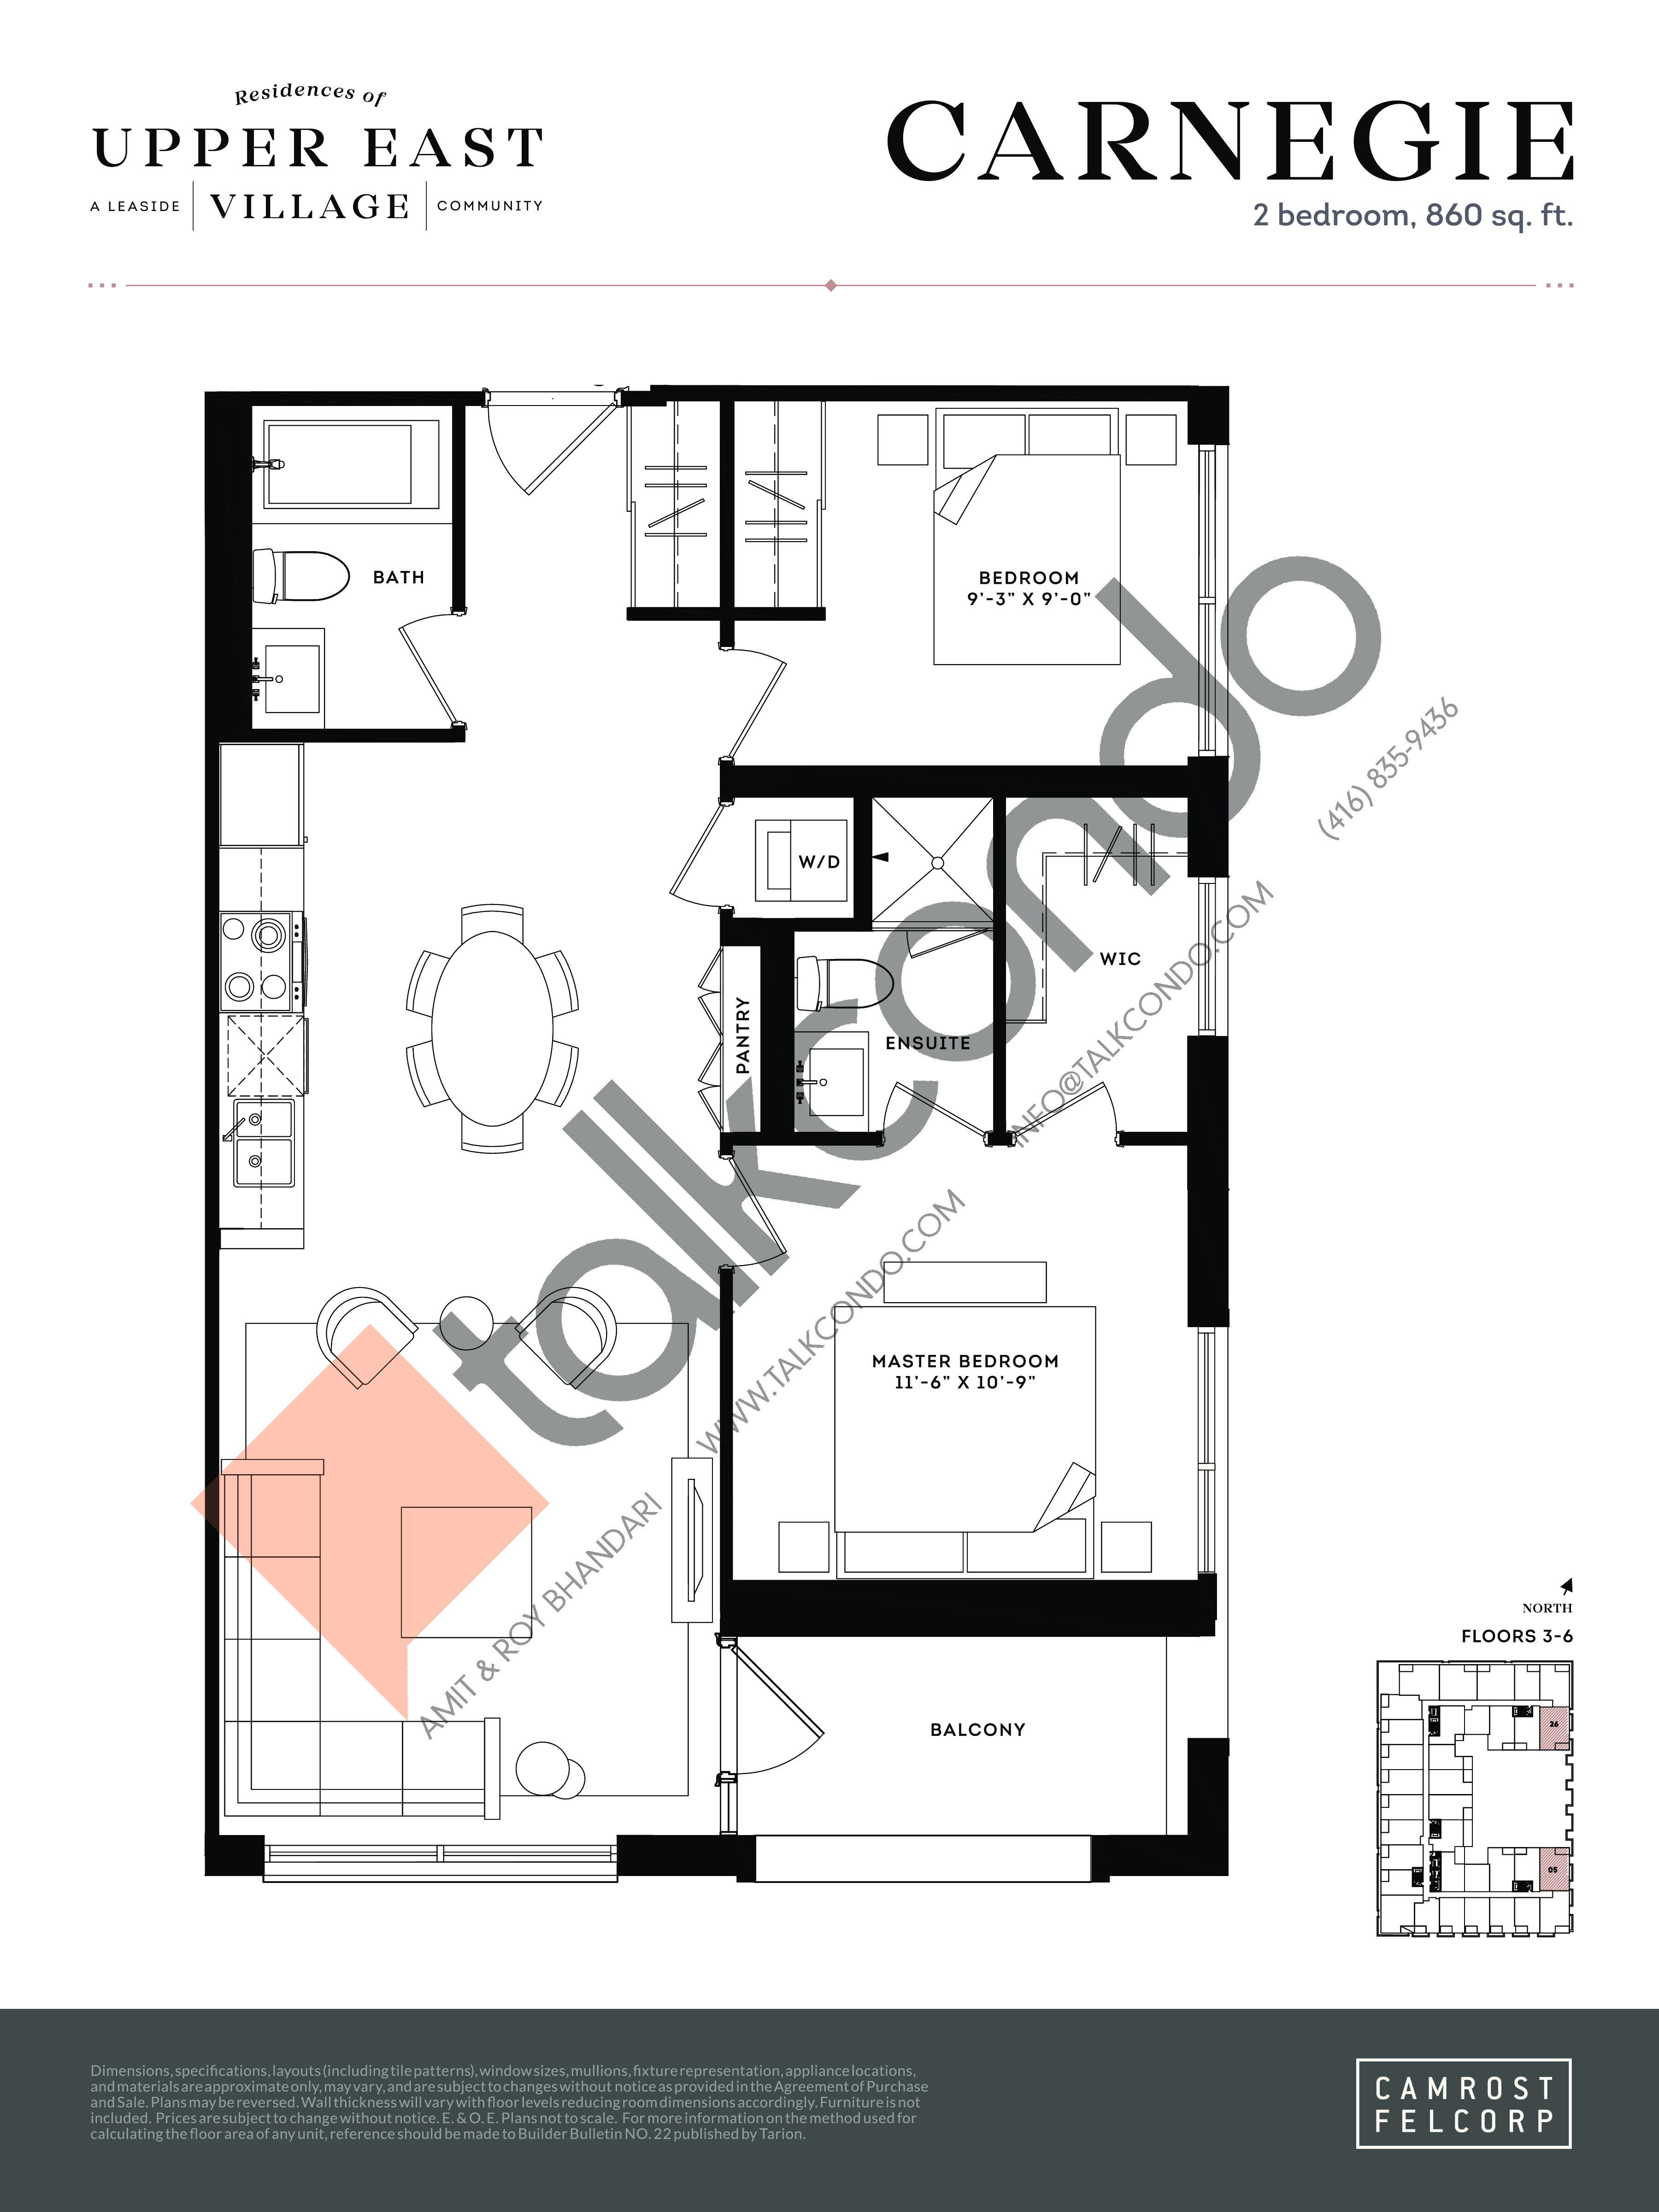 Carnegie Floor Plan at Upper East Village Condos - 860 sq.ft